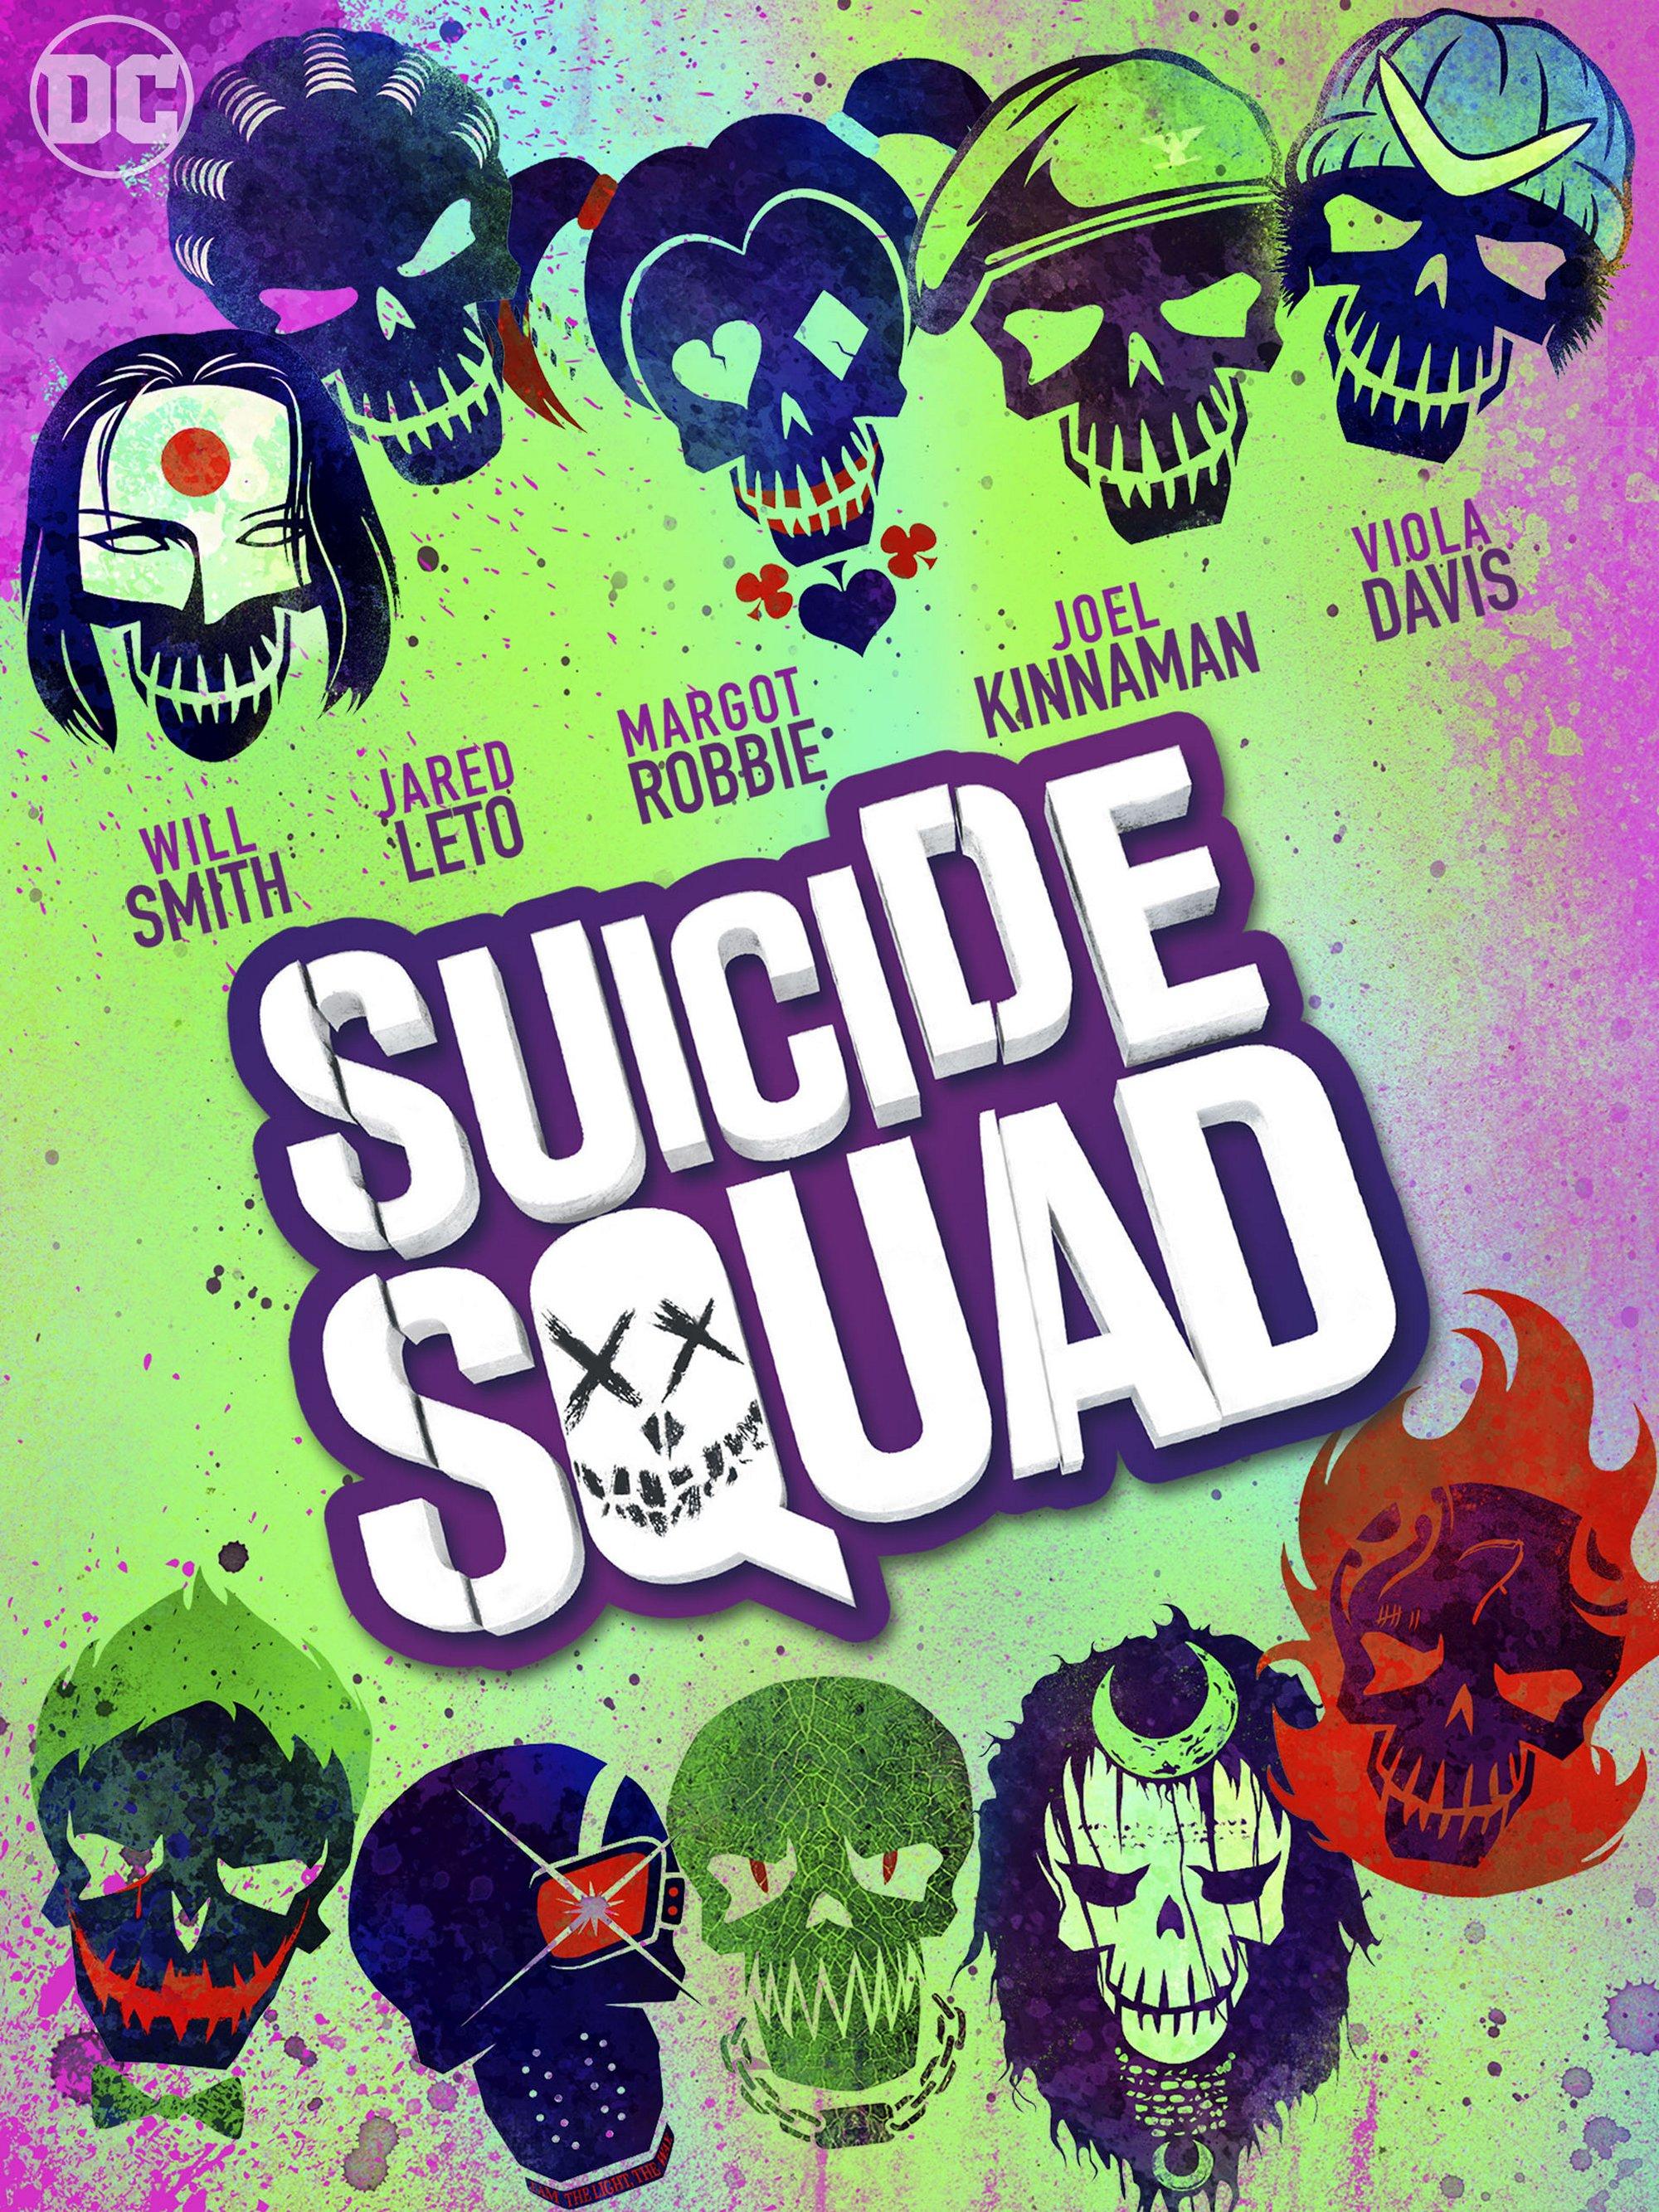 Suicide Squad (2016) Stream